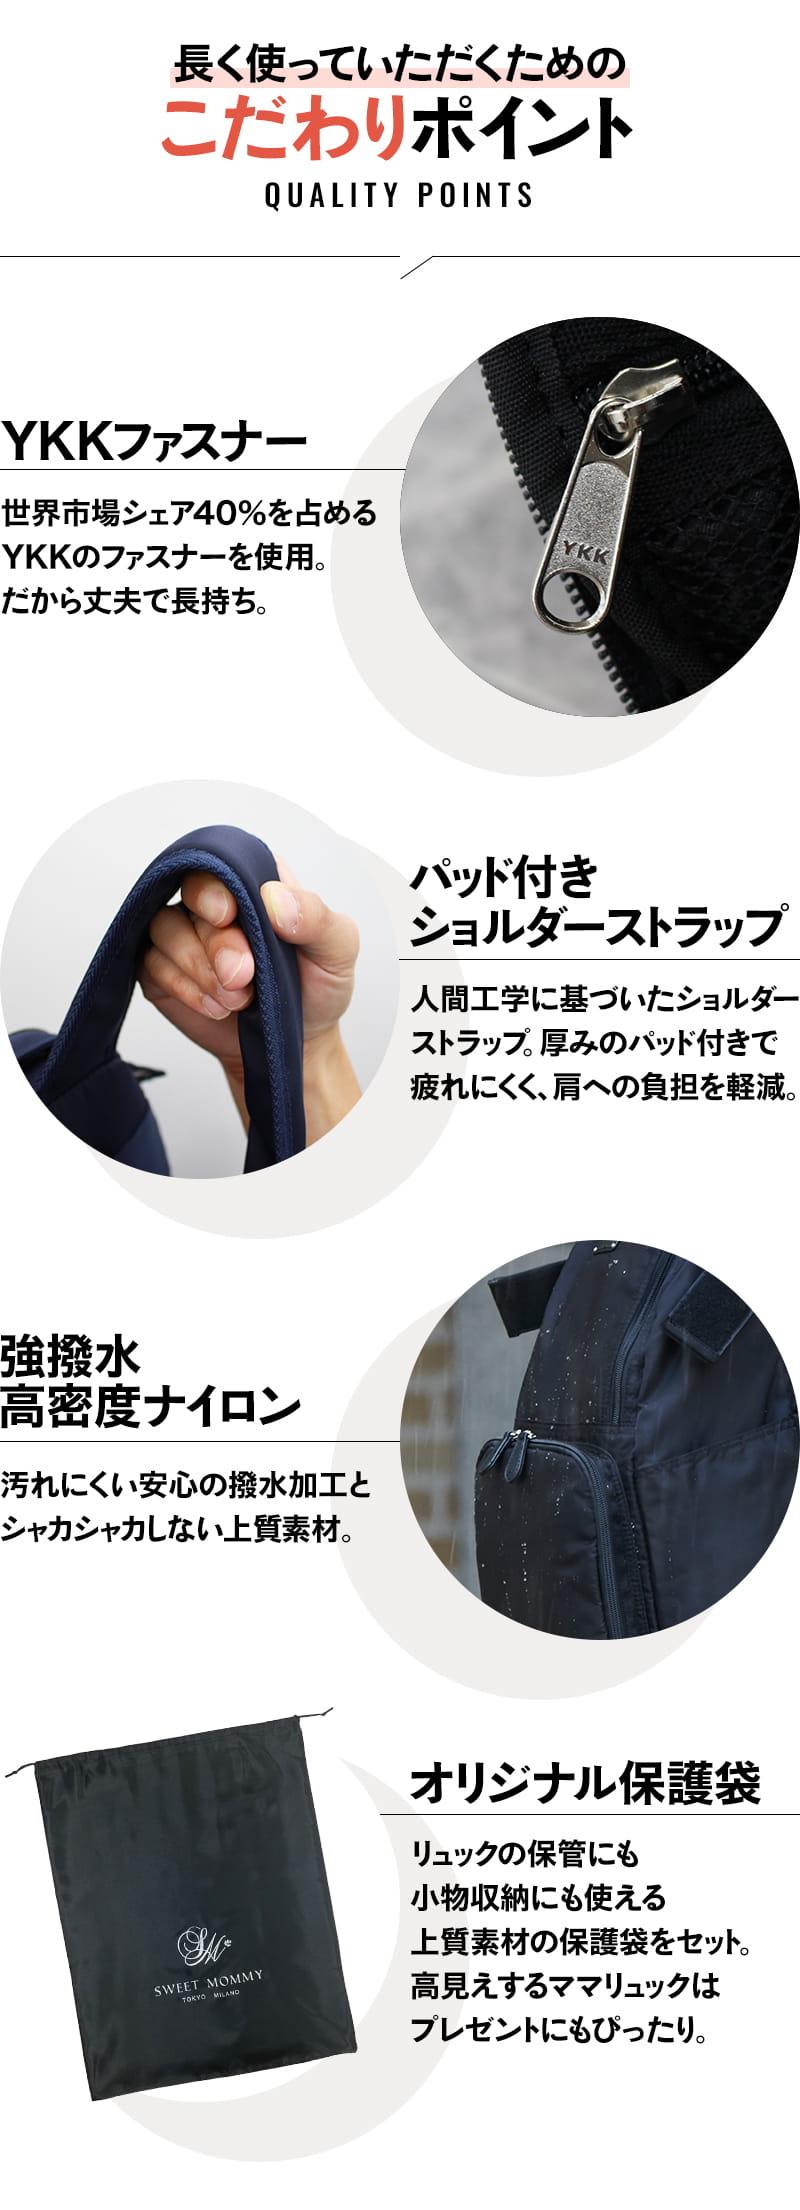 長く使えるこだわりポイント (1)YKKファスナー (2)パッド付きショルダーストラップ (3)強撥水高密度ナイロン (4)オリジナル保護袋